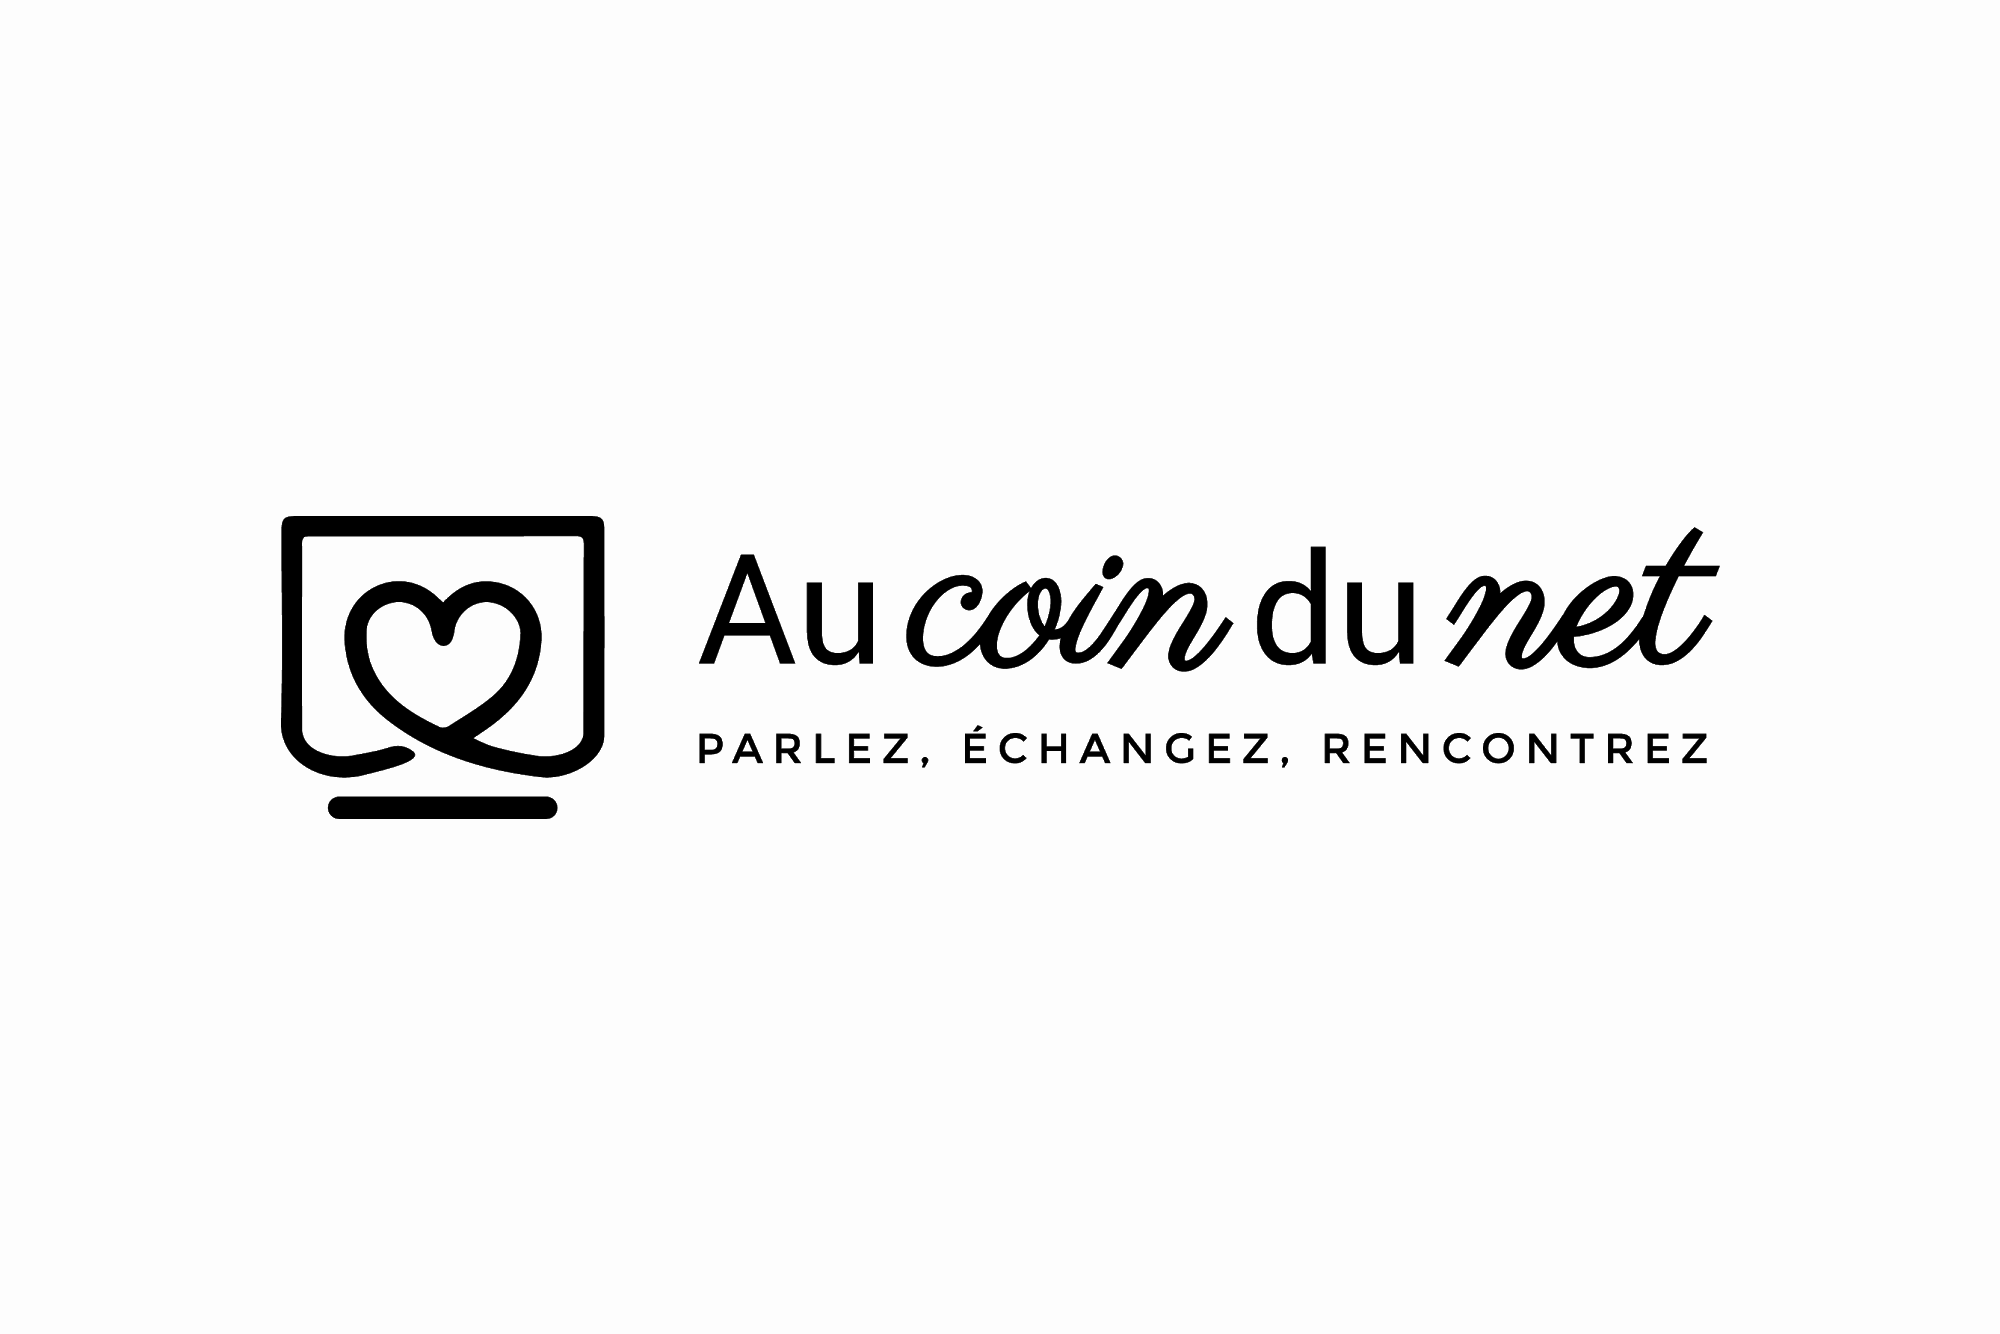 au-coin-du-net_2